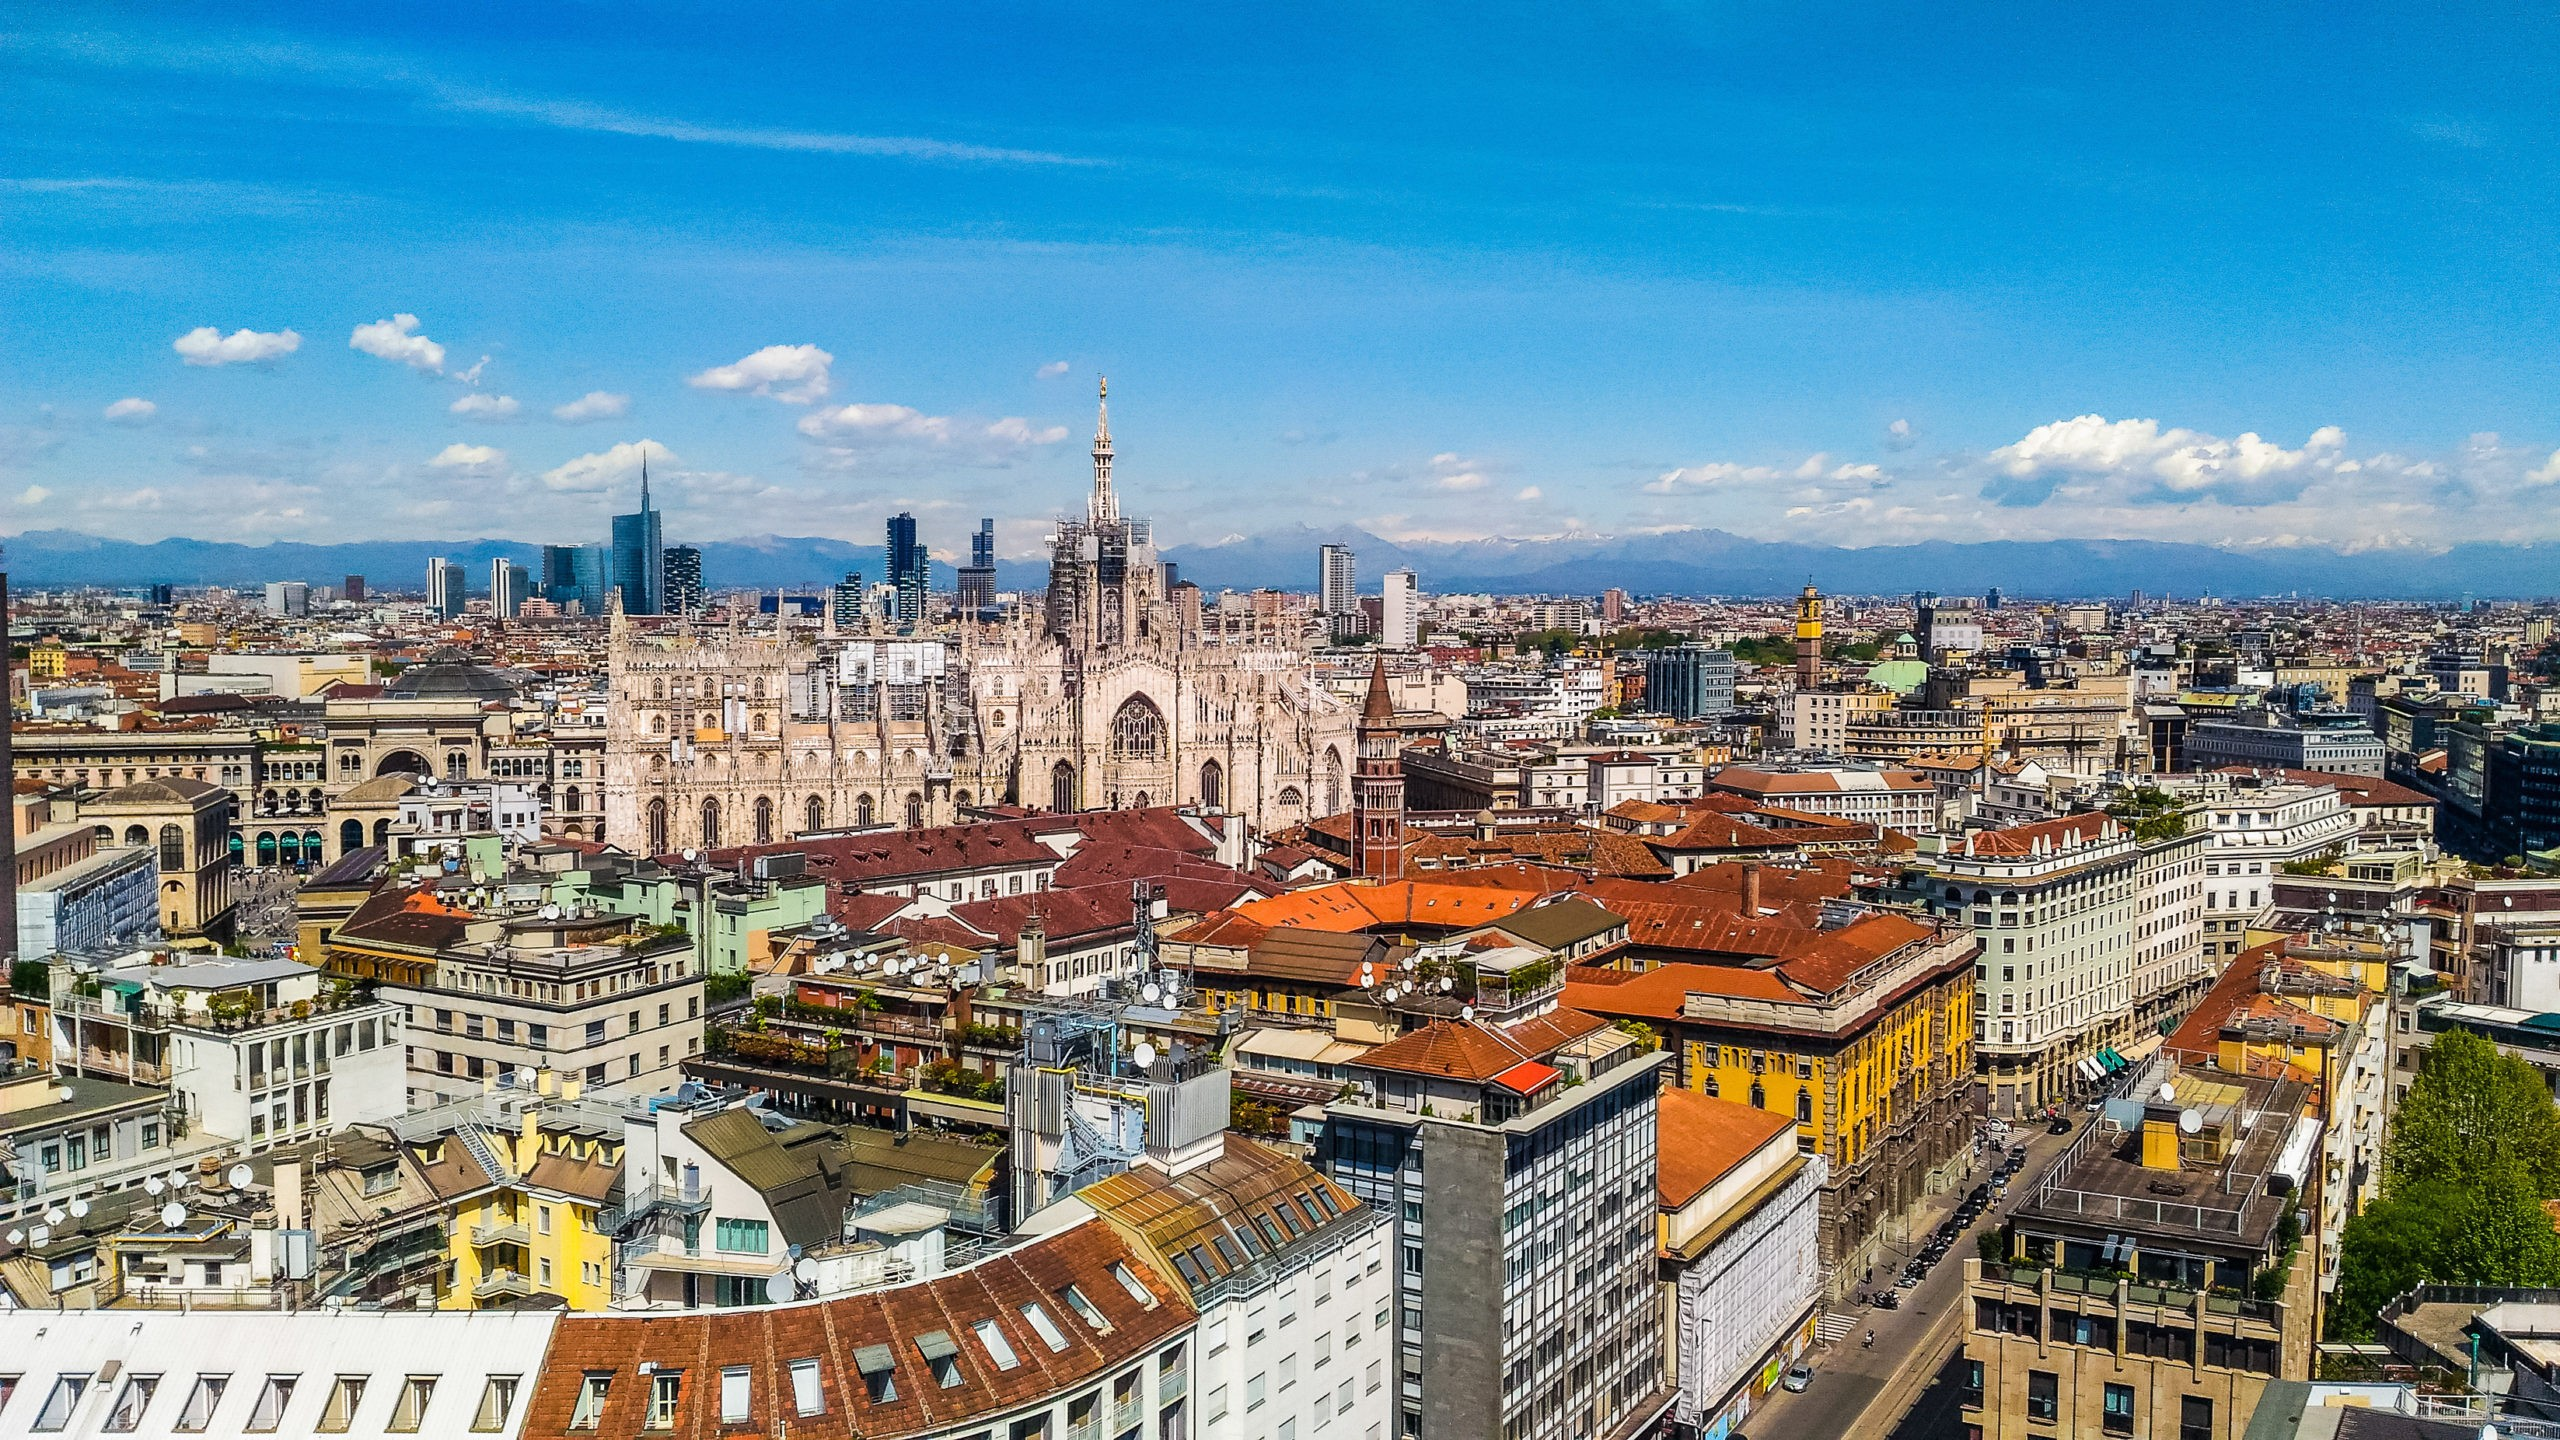 Mediolan - wszystko co potrzebujesz wiedzieć o stolicy mody i finansów